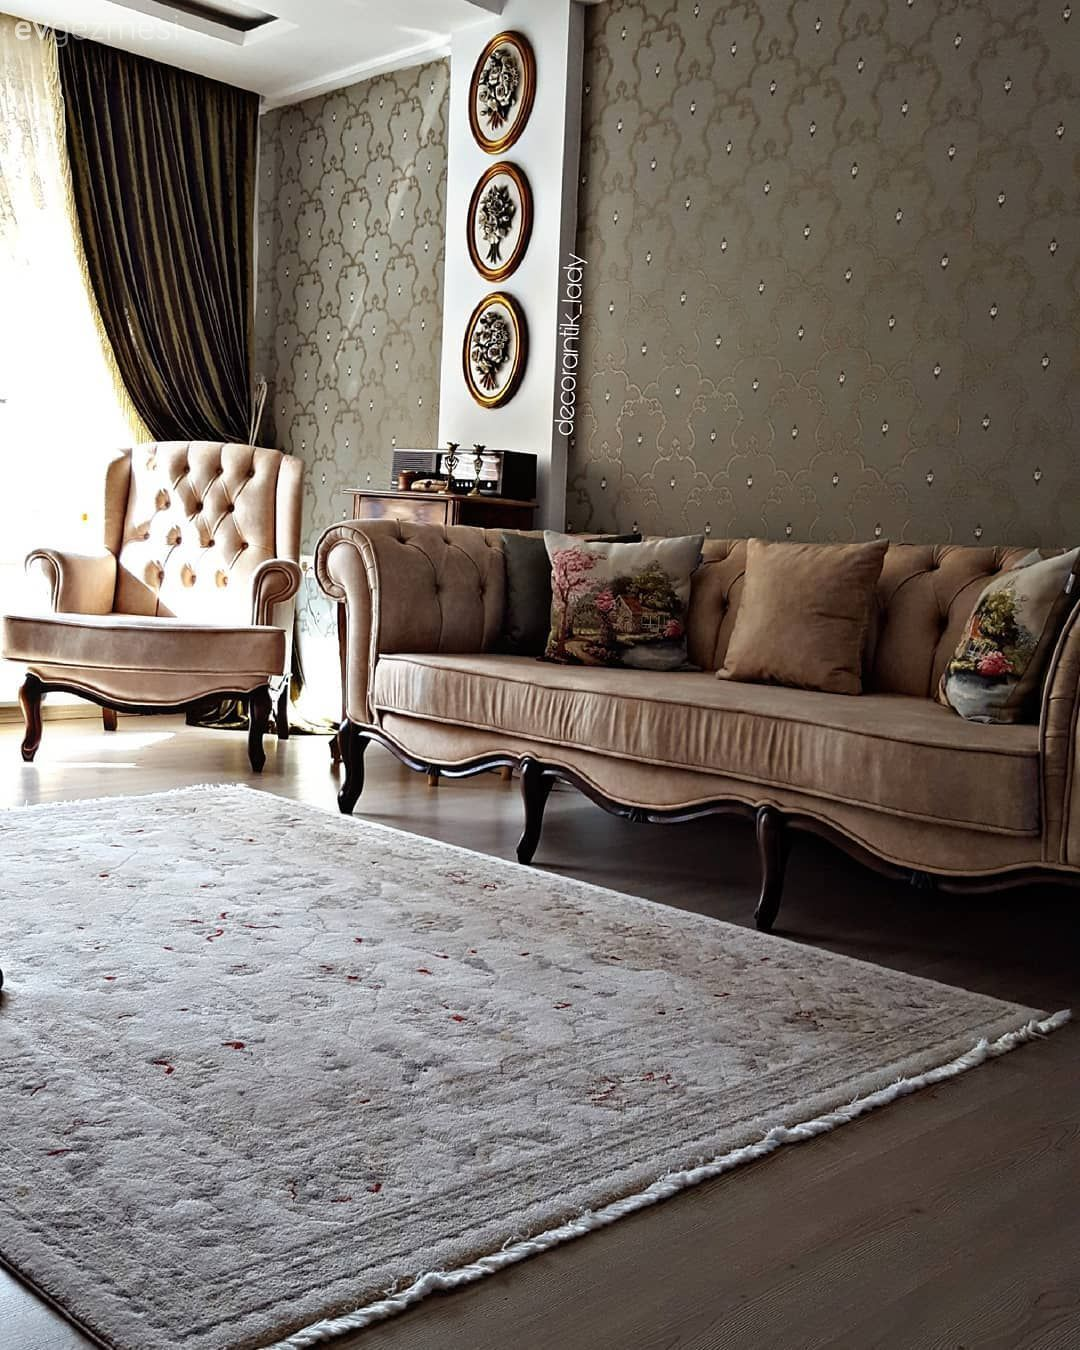 100 Harika Salon Dekorasyonu Salon Takimlari Modeller Ve Fikirler Ev Gezmesi Home Design Decor Oturma Odasi Takimlari Oturma Odasi Fikirleri